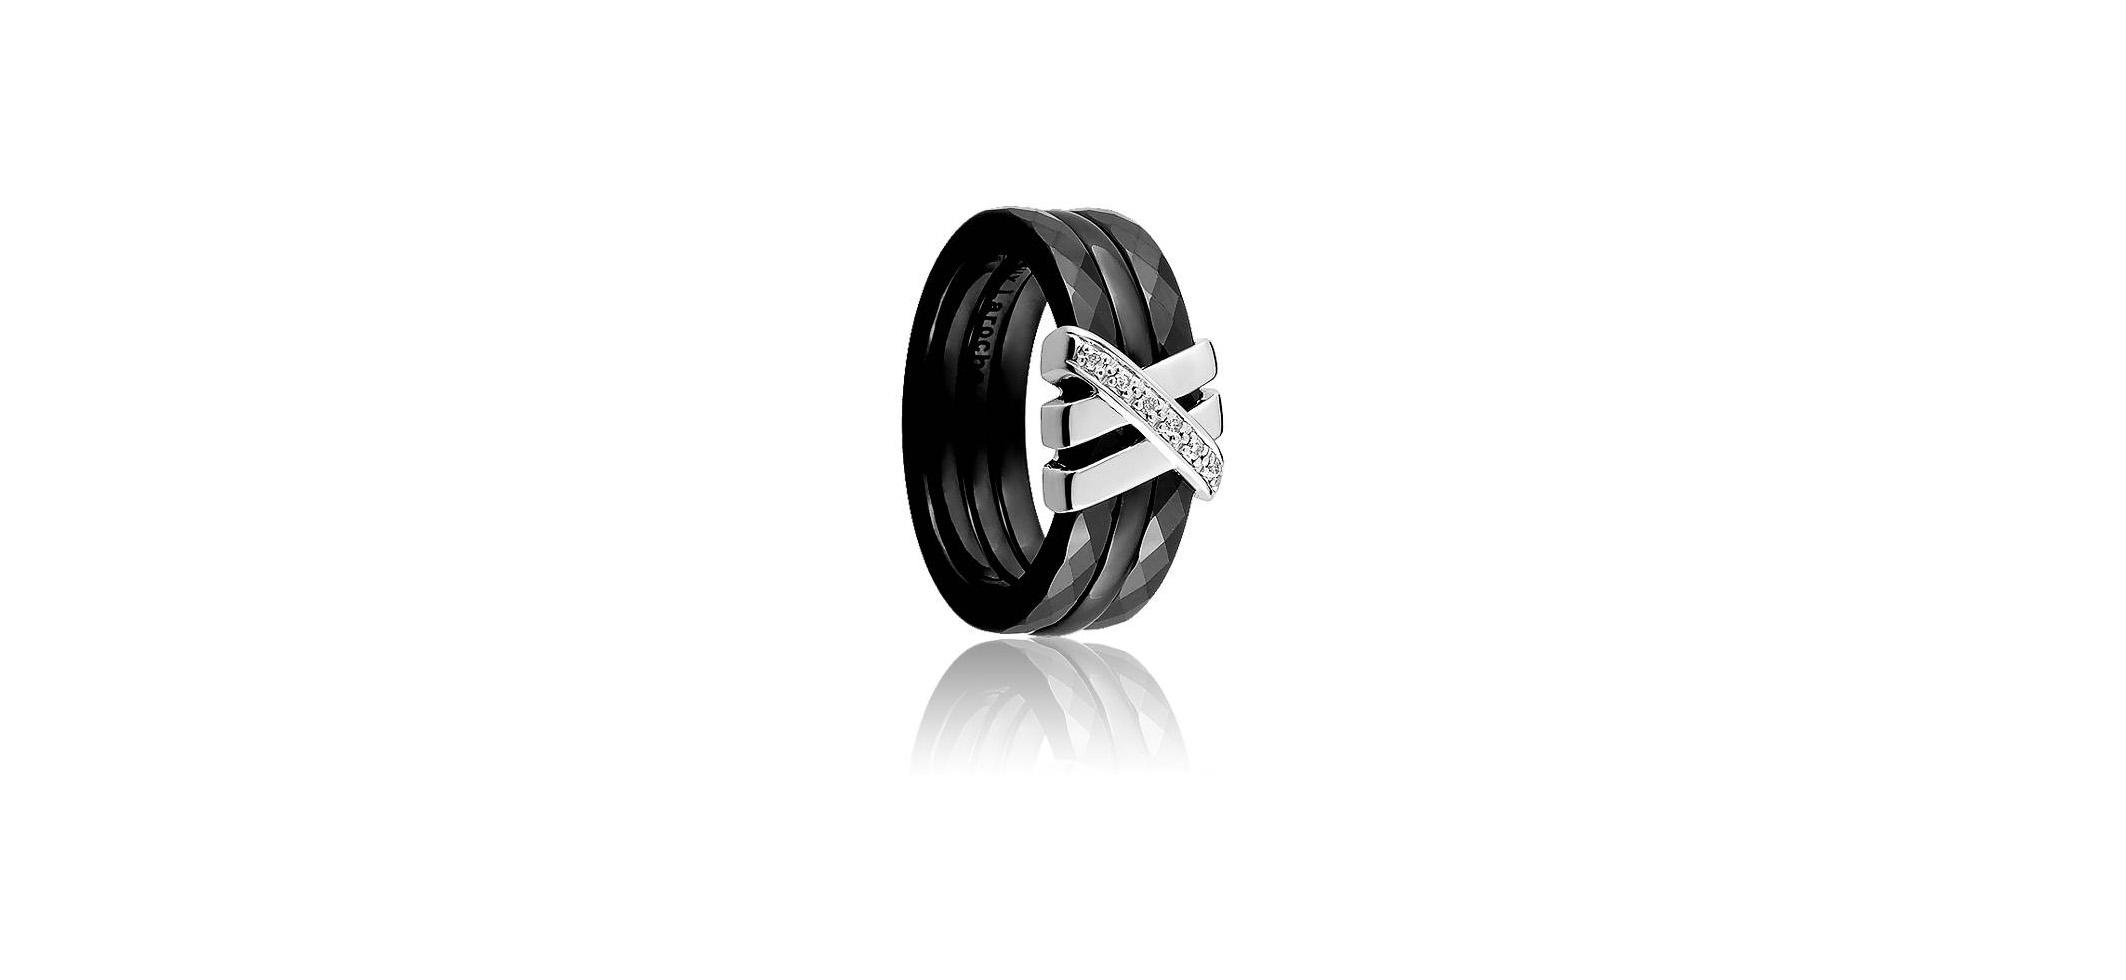 bague-enlacement-noir-guy-laroche-ceramique-or-diamants